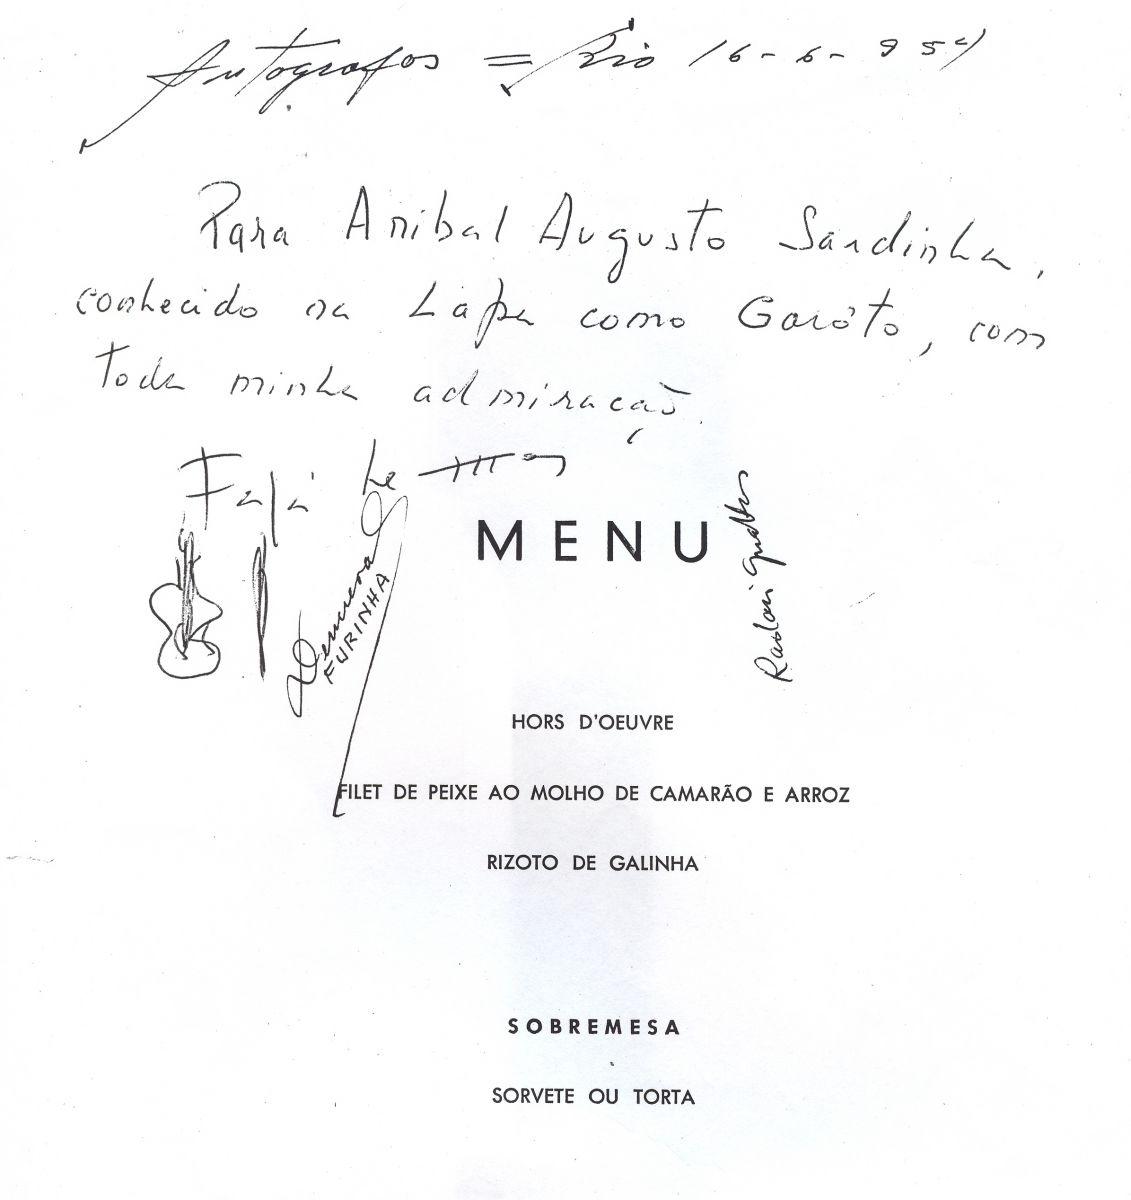 Documentos raros sobre Garoto e história da música Chora Fafá são revelados pelo Acervo do Violão - cardápio de restaurante